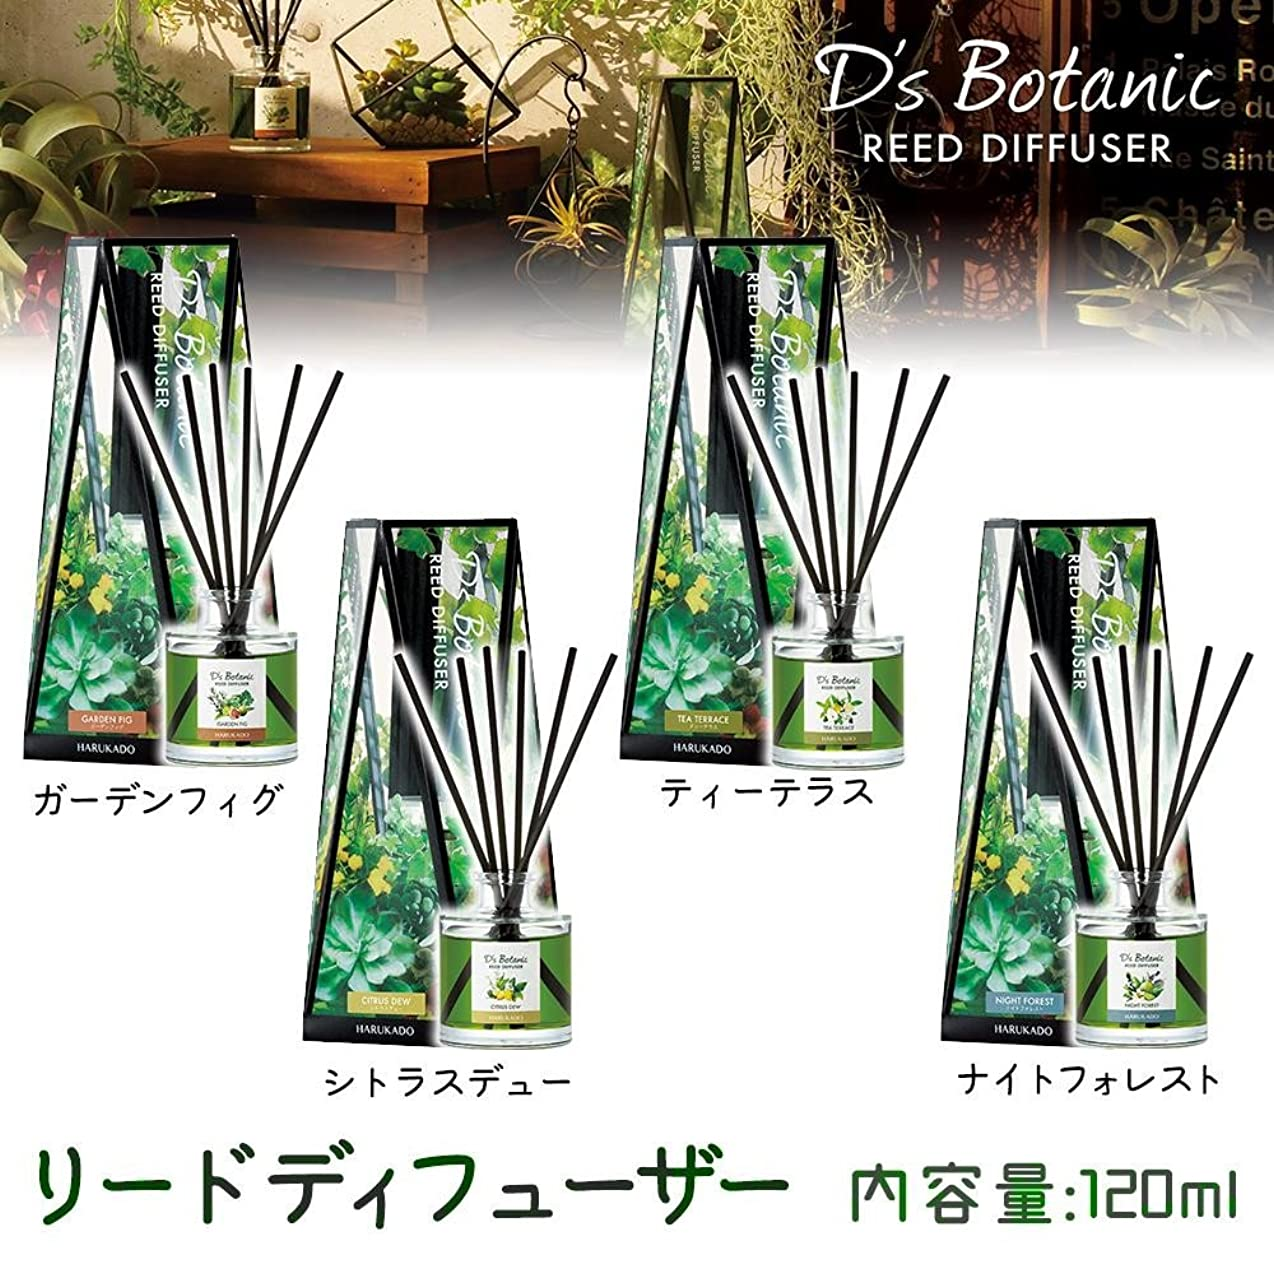 神社束ねる水平D'S Botanic(デイズボタニック) リードディフューザー ルームフレグランス 120ml ナイトフォレスト?6231【人気 おすすめ 】